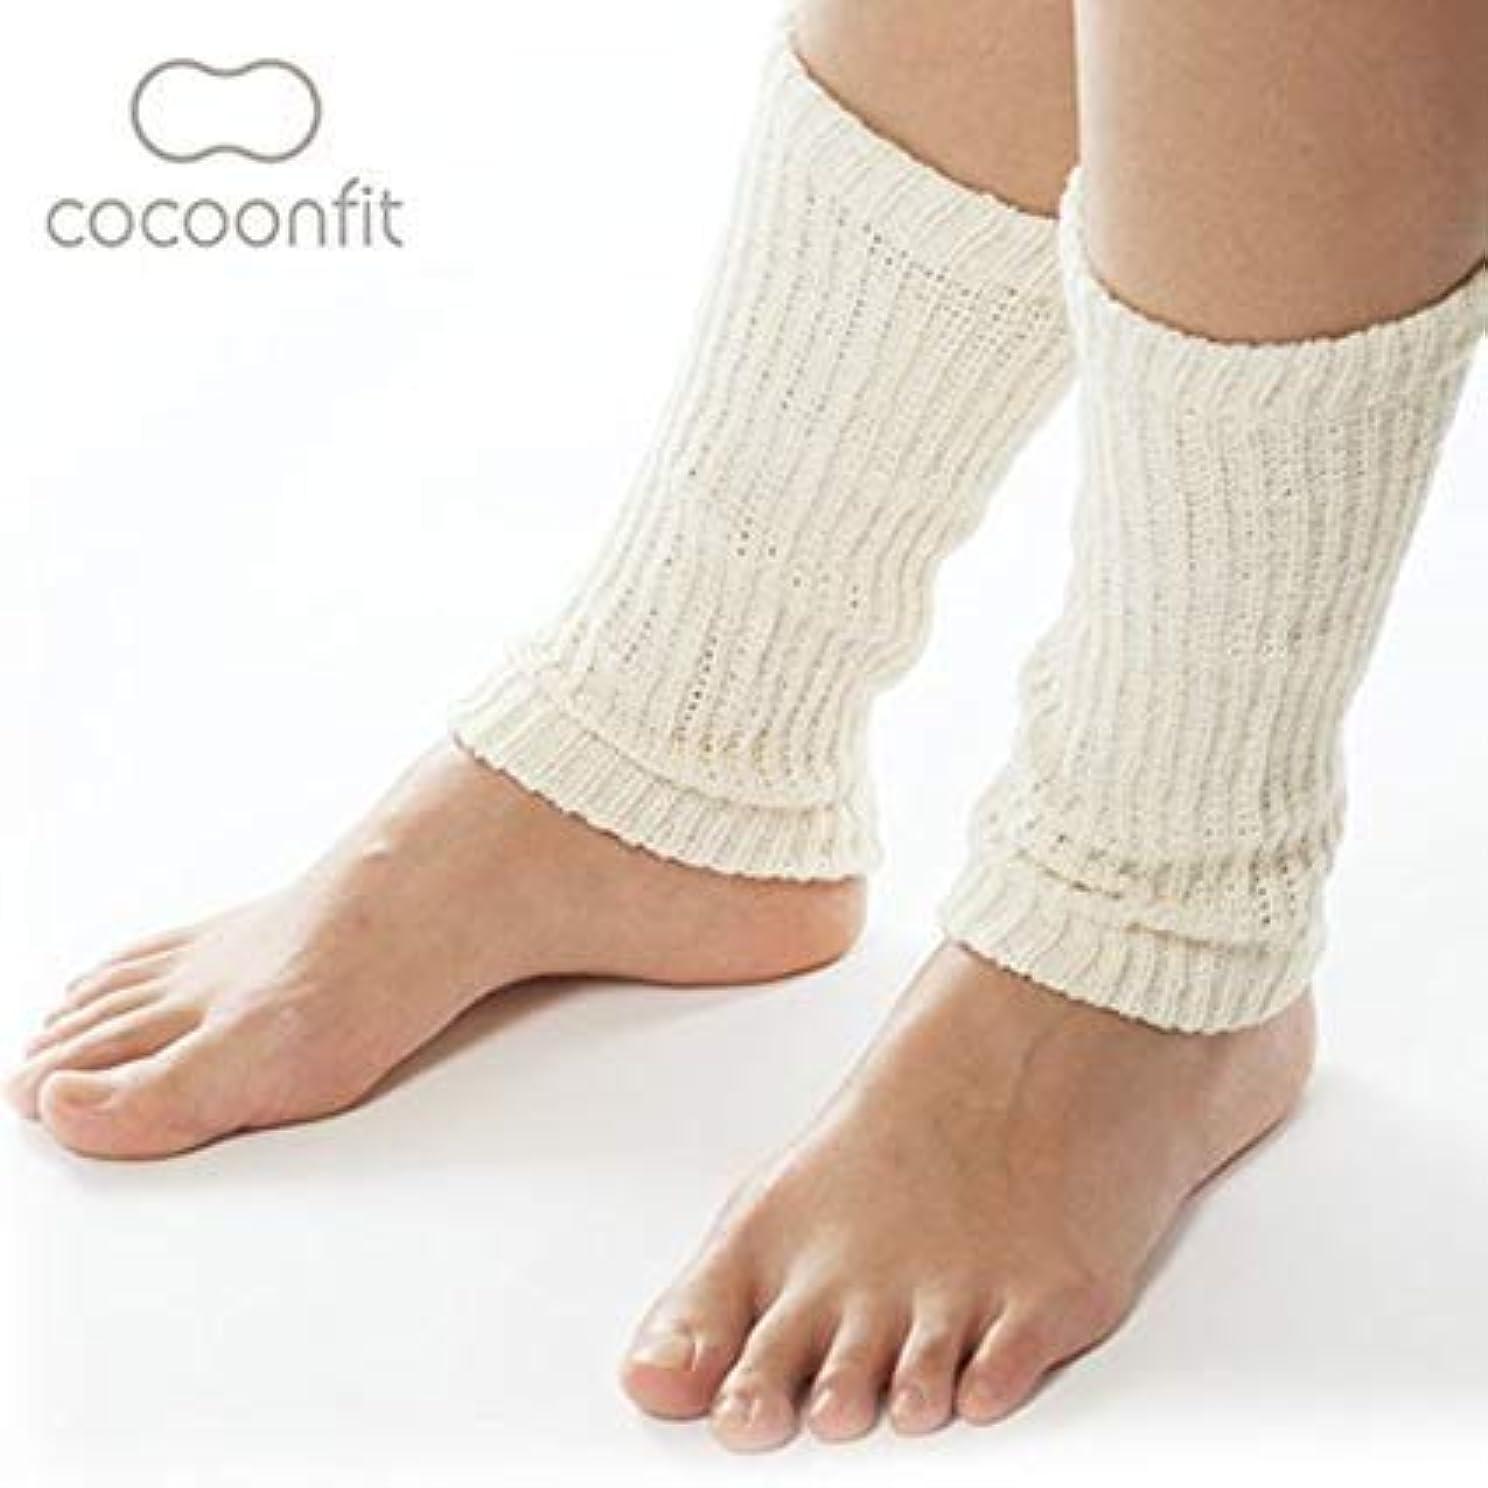 香り構築する仲間シルク 足首ウォーマー [約23cm?絹90%] cocoonfit 0741 (オフホワイト)